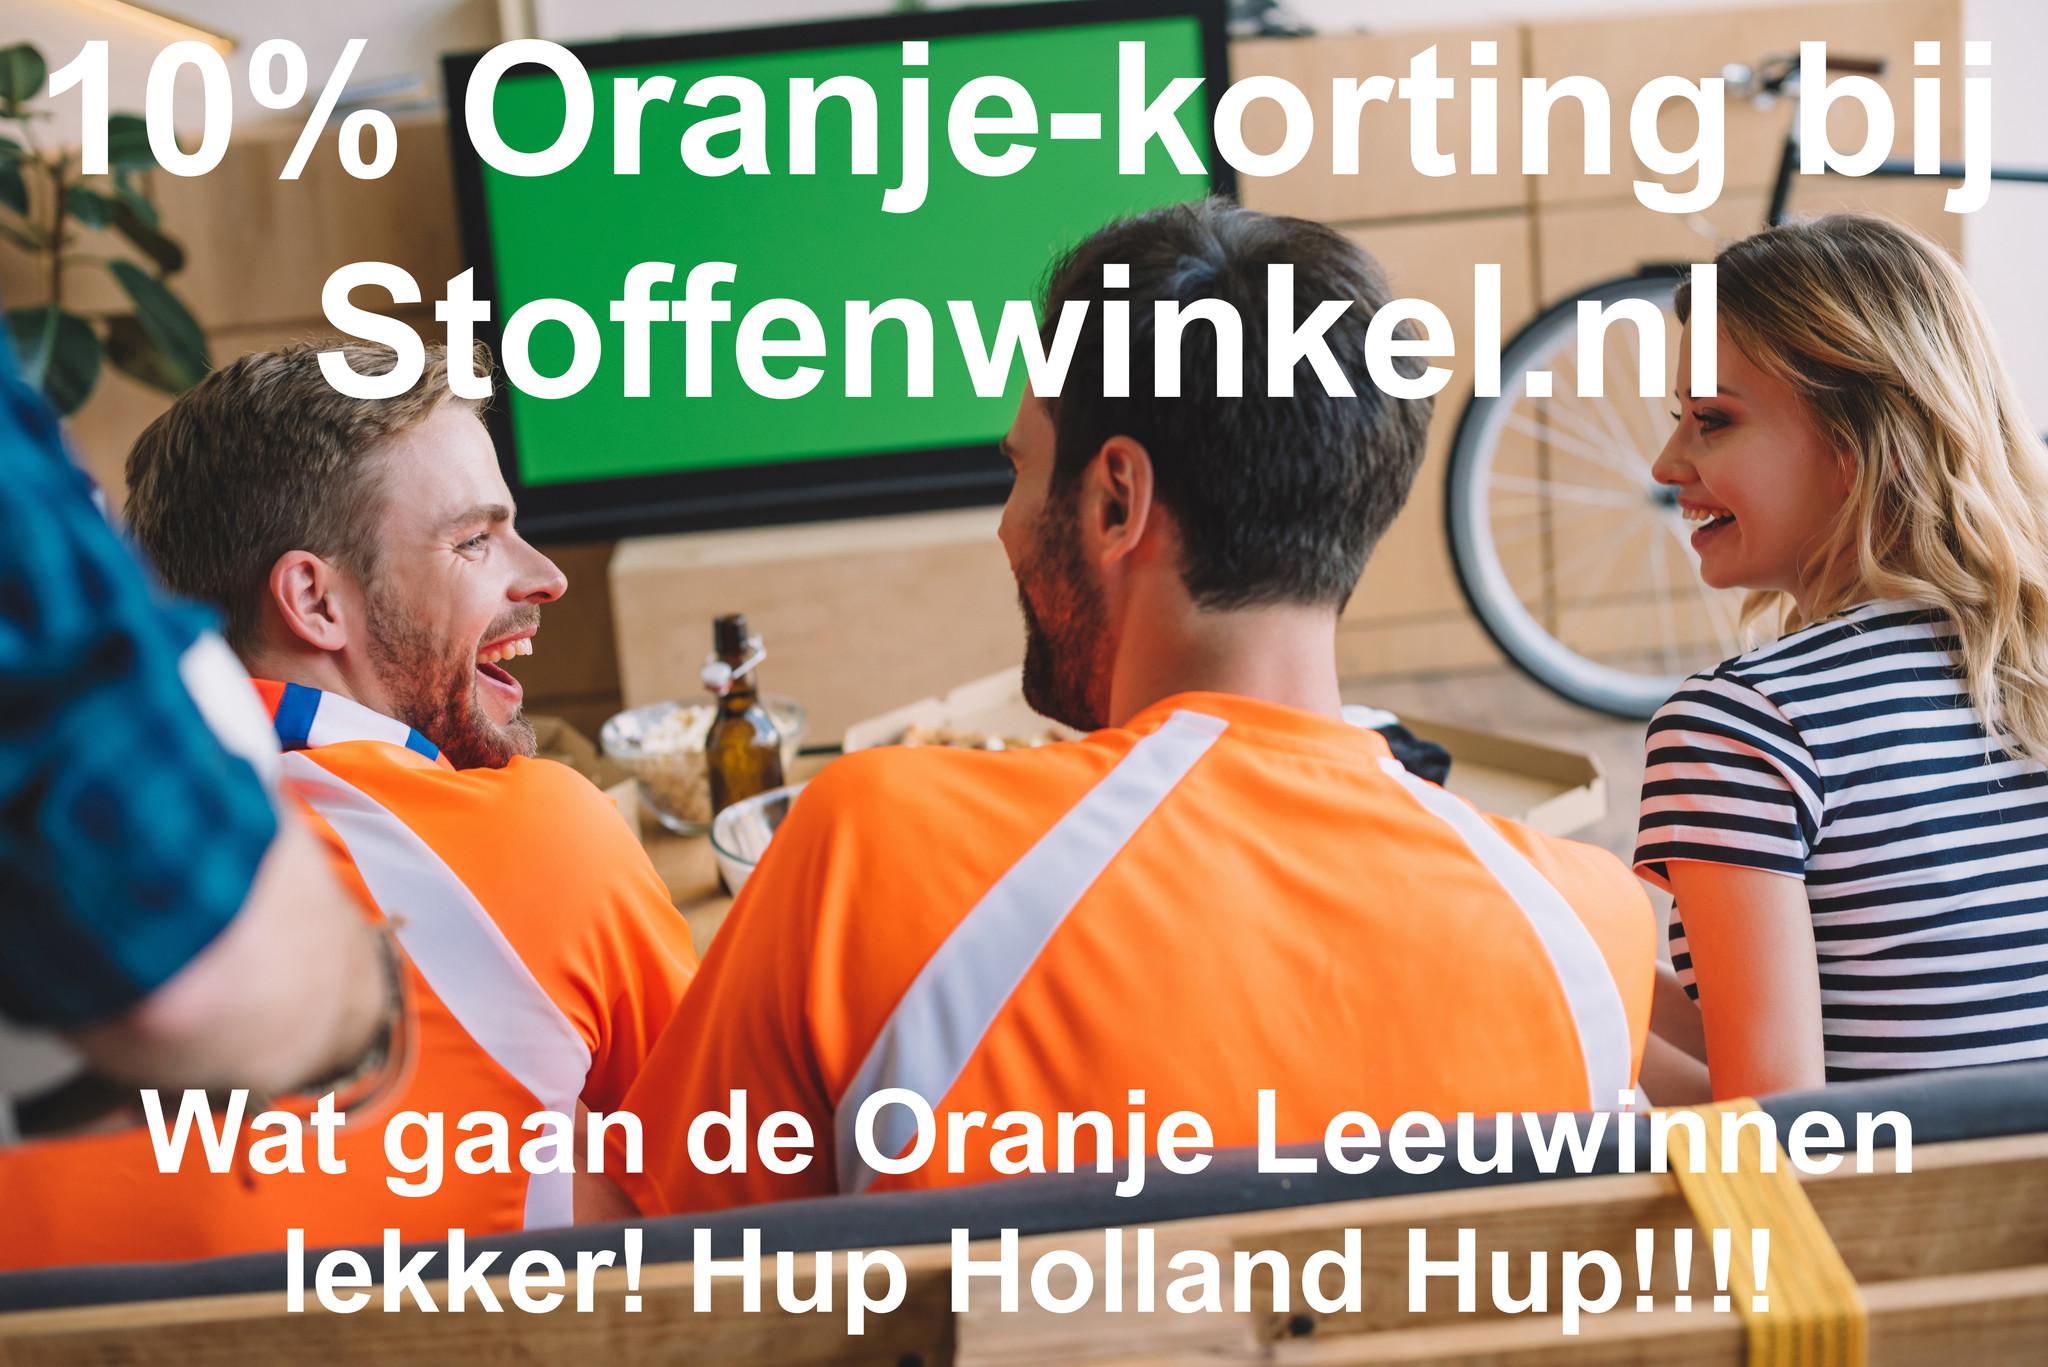 Hup Oranje Leeuwinnen!